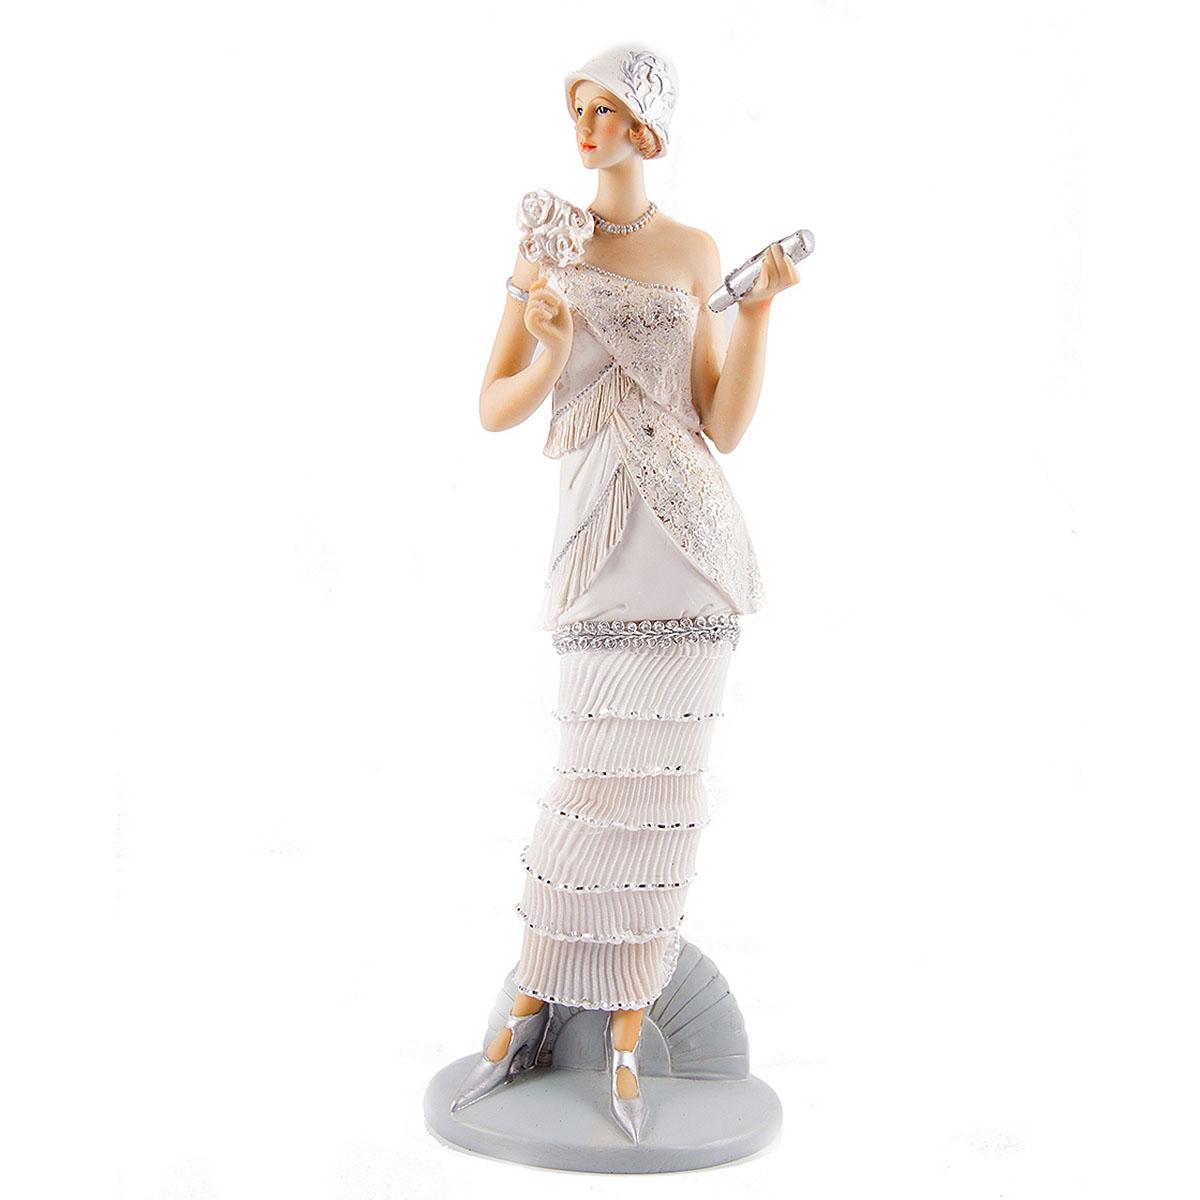 Статуэтка Русские Подарки Мисс Обаяние, 12 х 10 х 34 см27647Статуэтка Русские Подарки Мисс Обаяние, изготовленная изполистоуна, имеет изысканный внешний вид. Изделие станет прекрасным украшением интерьерагостиной, офиса или дома. Вы можете поставить статуэтку влюбое место, где она будет удачно смотреться и радоватьглаз. Правила ухода: регулярно вытирать пыль сухой, мягкой тканью.